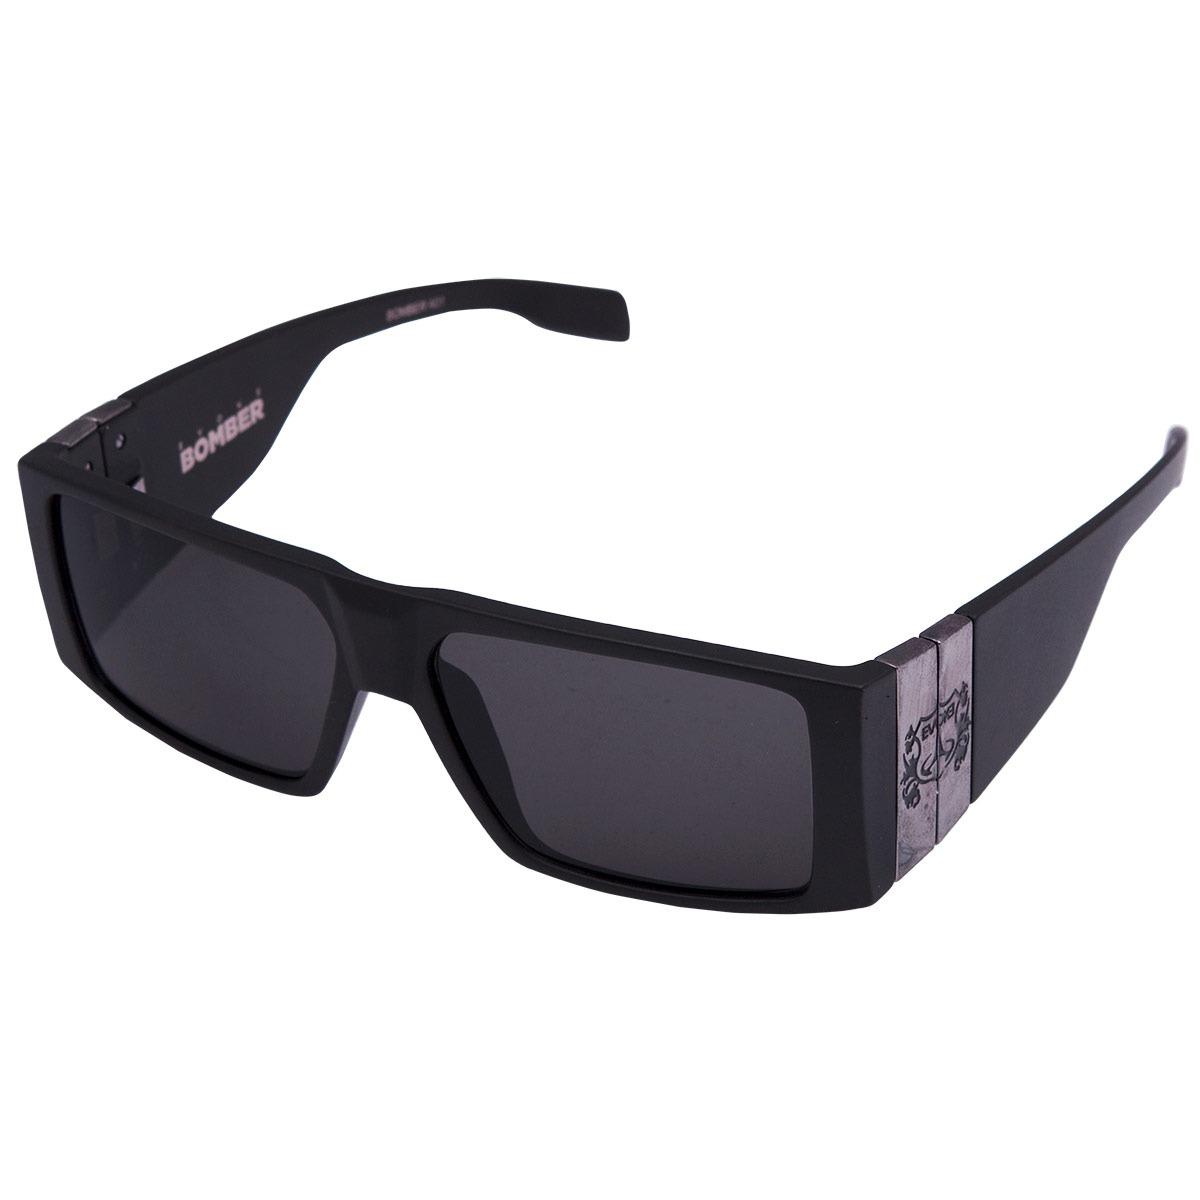 c40da35873714 Óculos De Sol Evoke Bomber - Black grey - R  697,00 em Mercado Livre